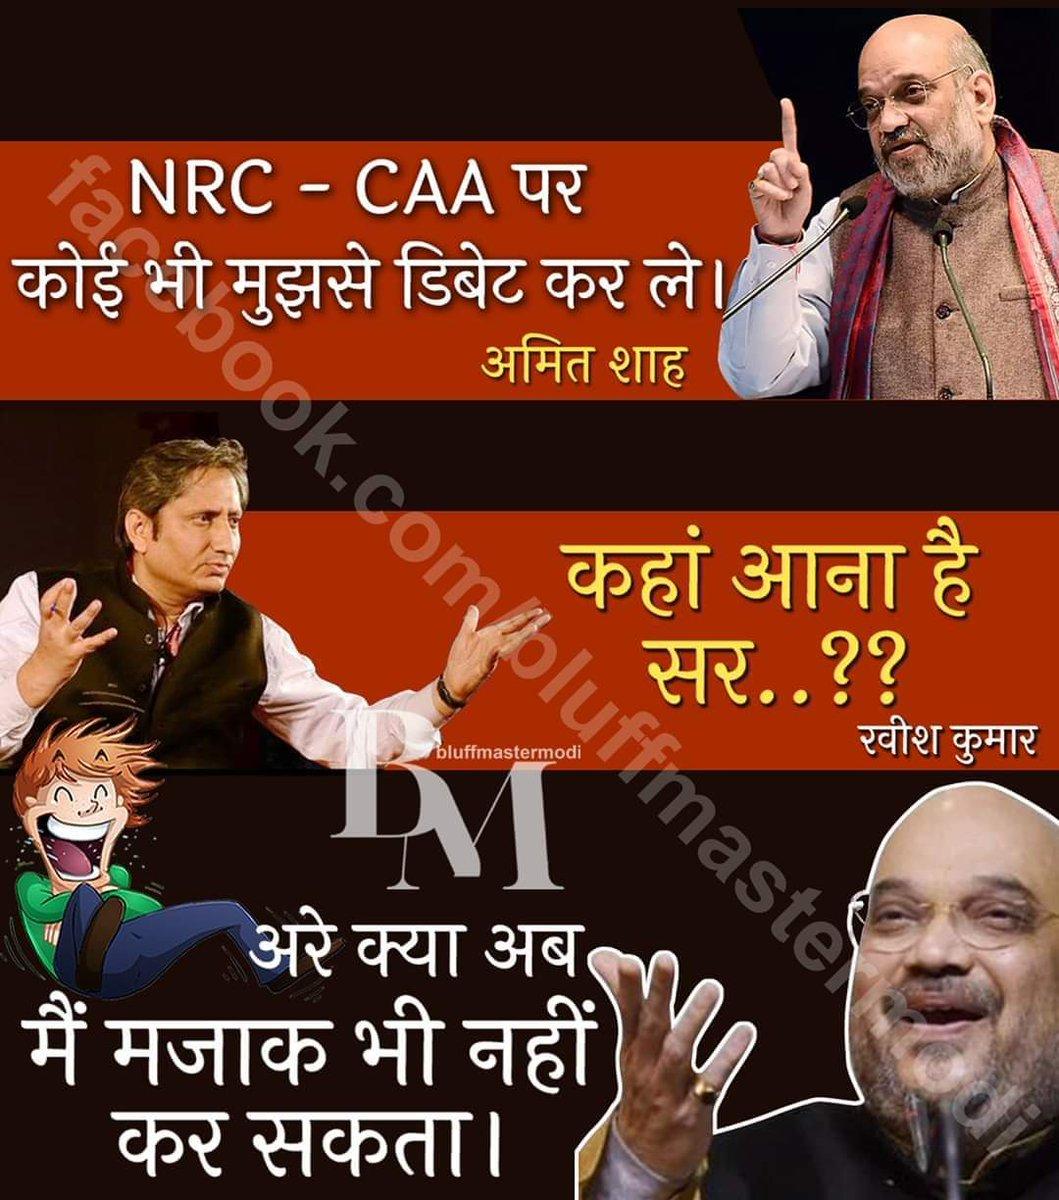 #CAA #CAA_NRC_NPR_से_आज़ादी #CAA2019 #CAA_NRC_Protests #CAAProtests #NRC_CAA_Protest #NRC_CAA_Protests #ShaheenBagh #ShaheenBaghTruth #SupremeCourt #IndiaSupportsCAA #IndiaAgainstCAA_NRC #BJPLeDoobi #BjpMuktBharat